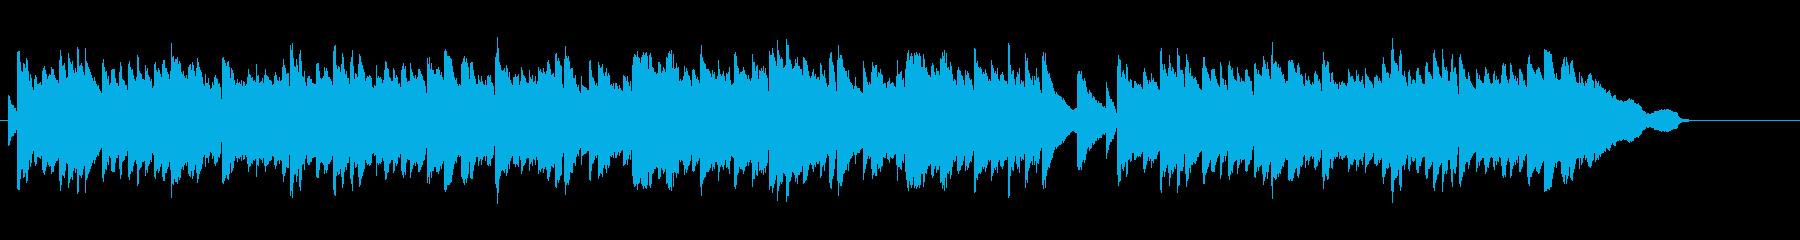 日常的で穏やかな雰囲気のBGM(Pf)の再生済みの波形